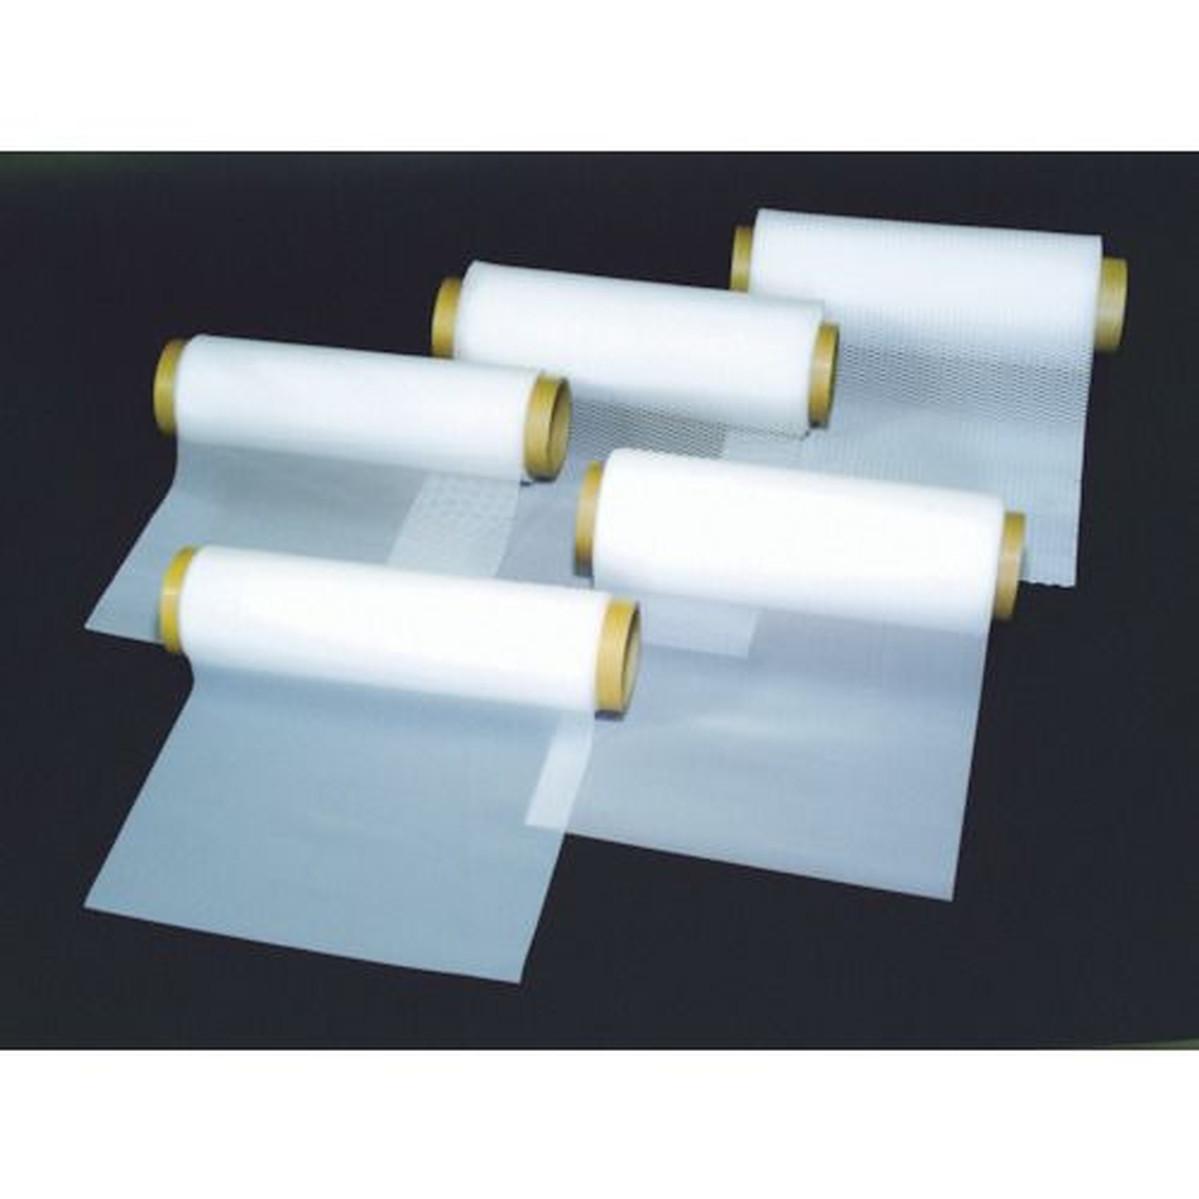 あす楽対応 DIY用品 フロンケミカル フッ素樹脂 ネット 6メッシュW300X1000L 半額 PTFE 1巻 超目玉